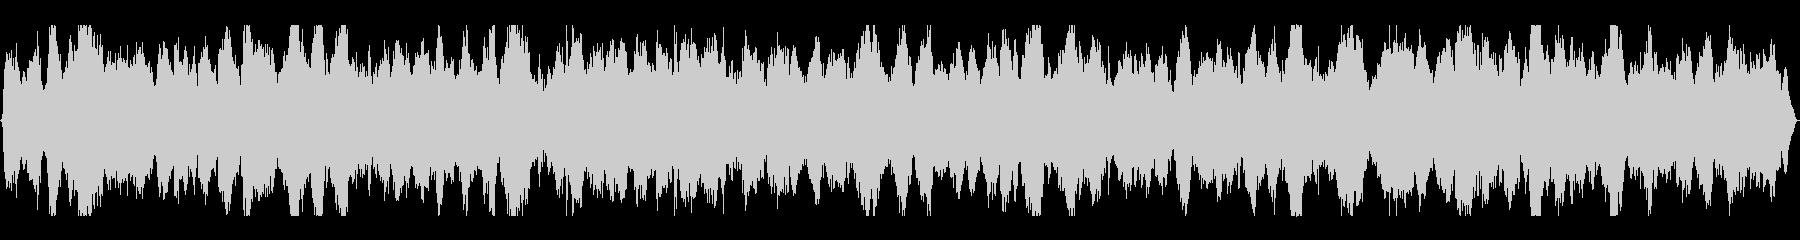 海・波音・カモメの鳴き声入りヒーリングの未再生の波形